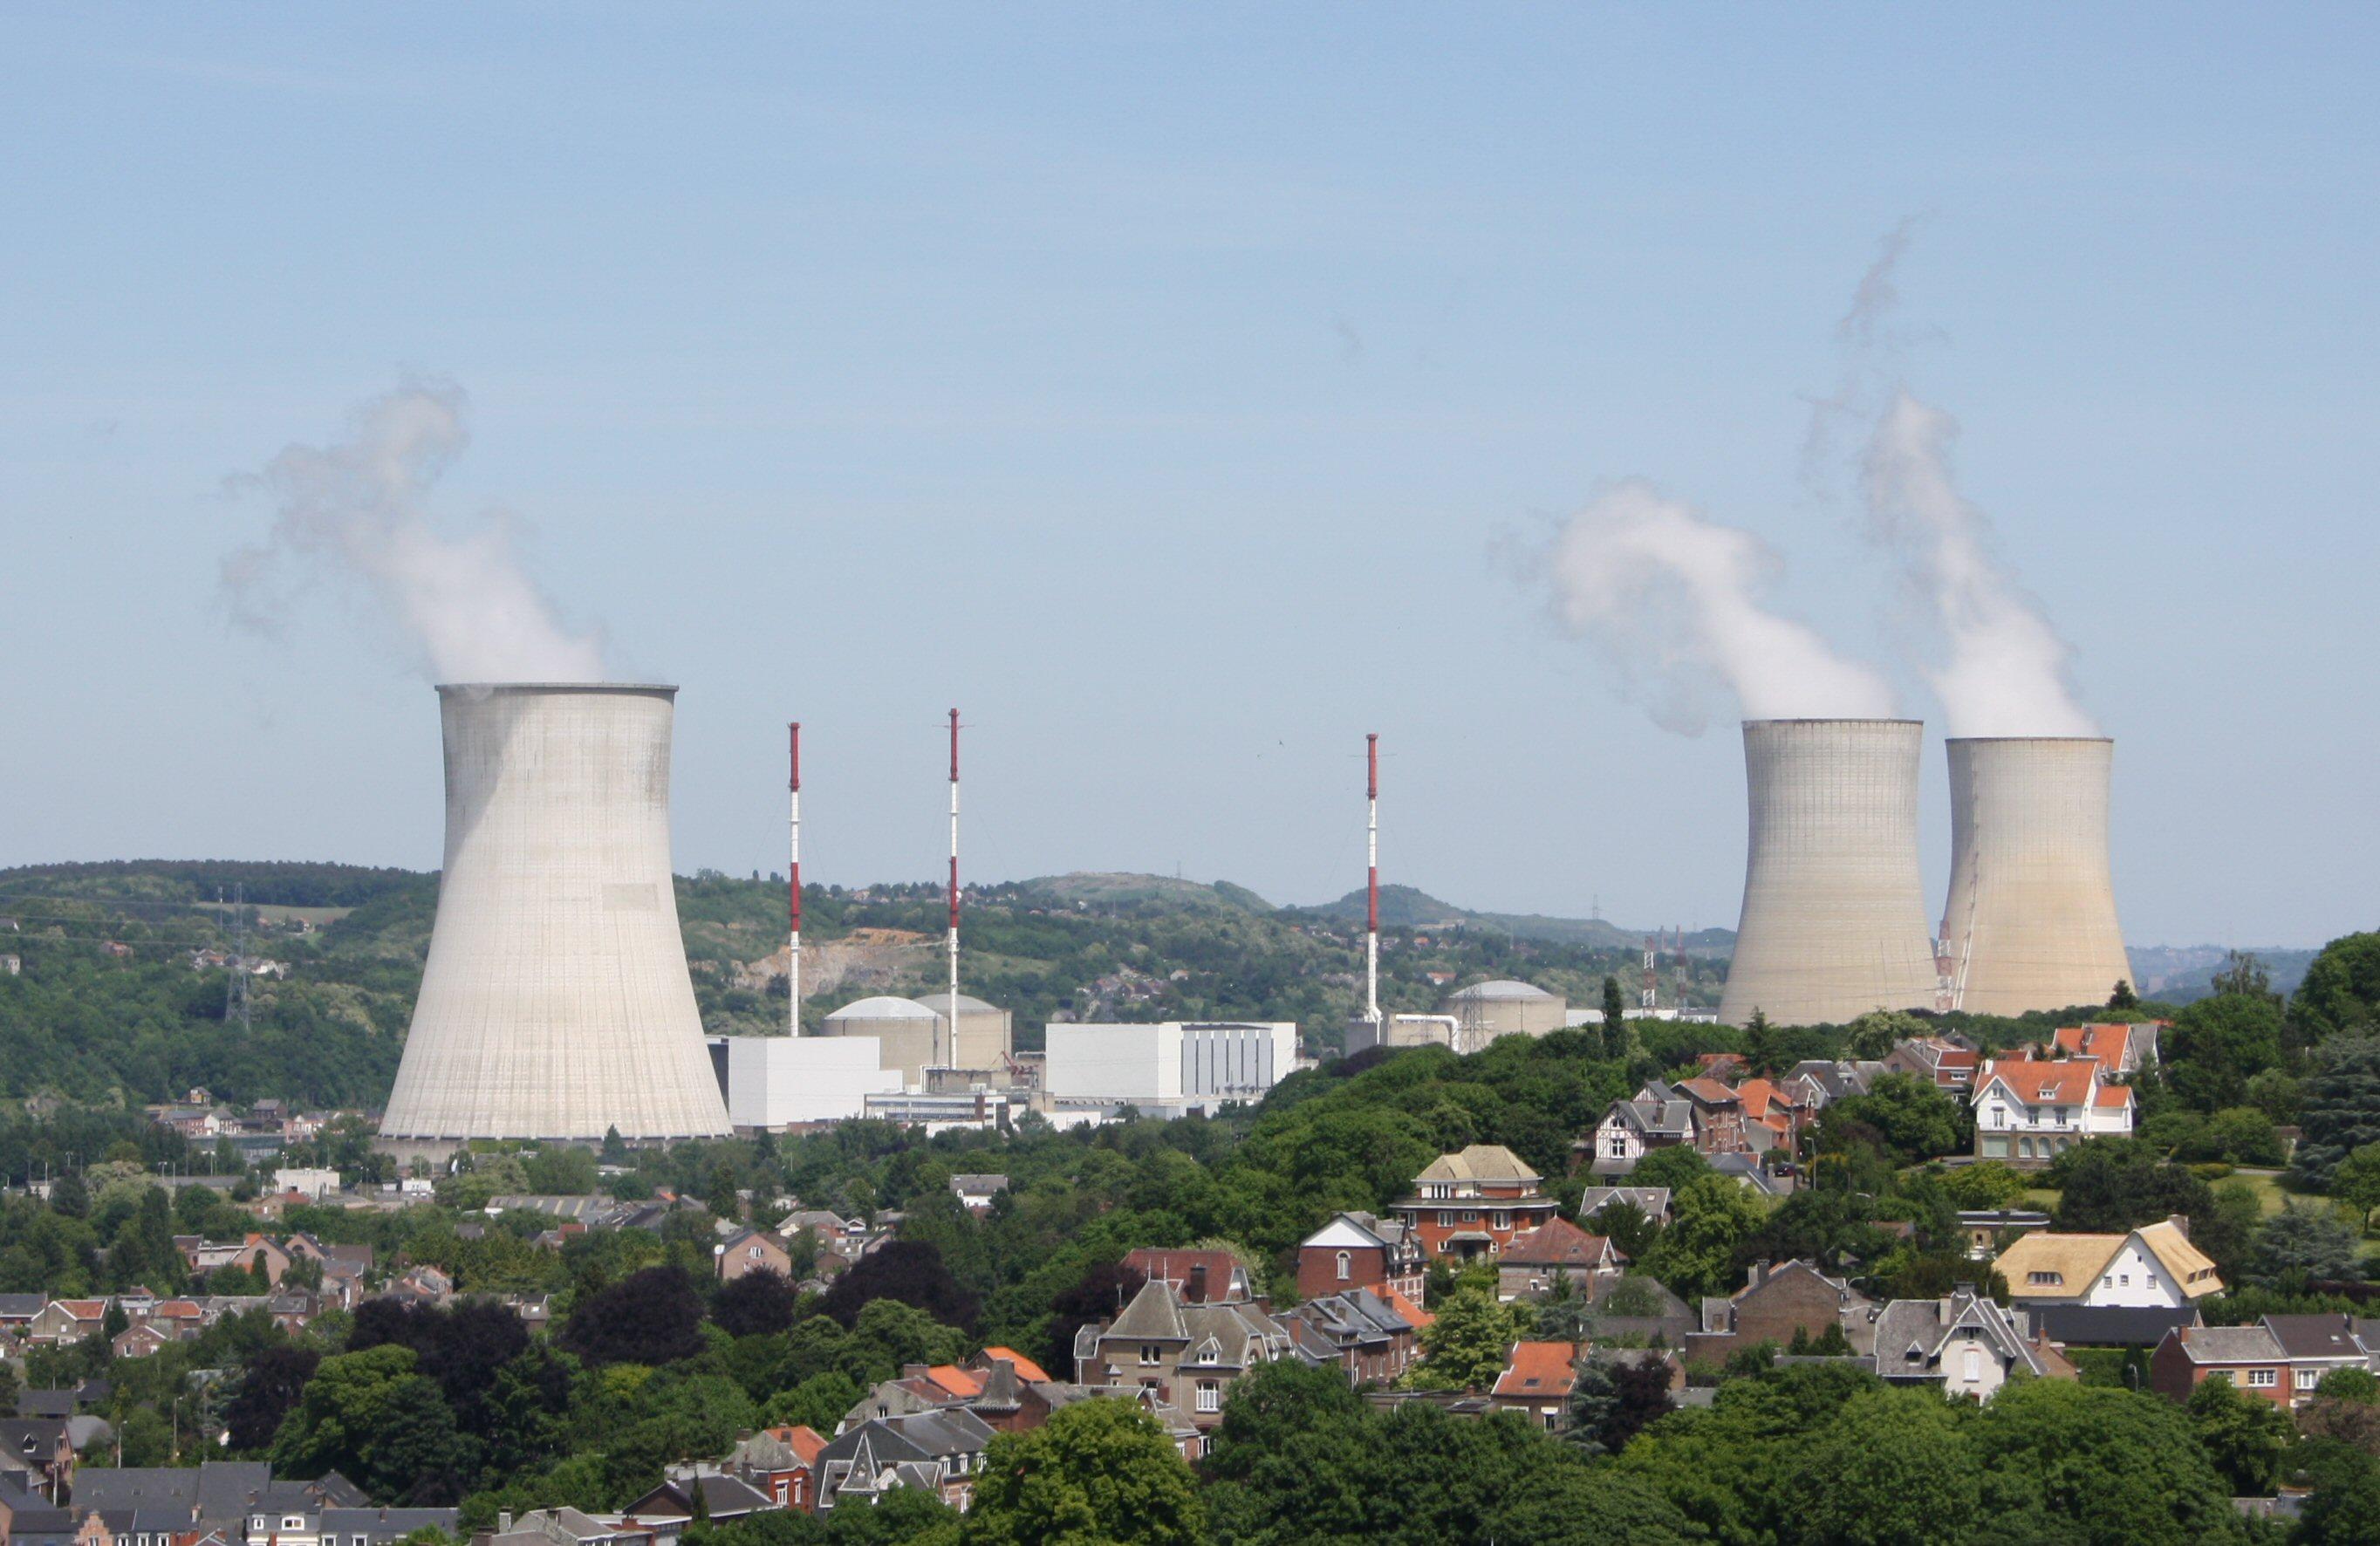 Mezinárodní energetická agentura doporučuje Belgii přehodnotit odchod od jádra